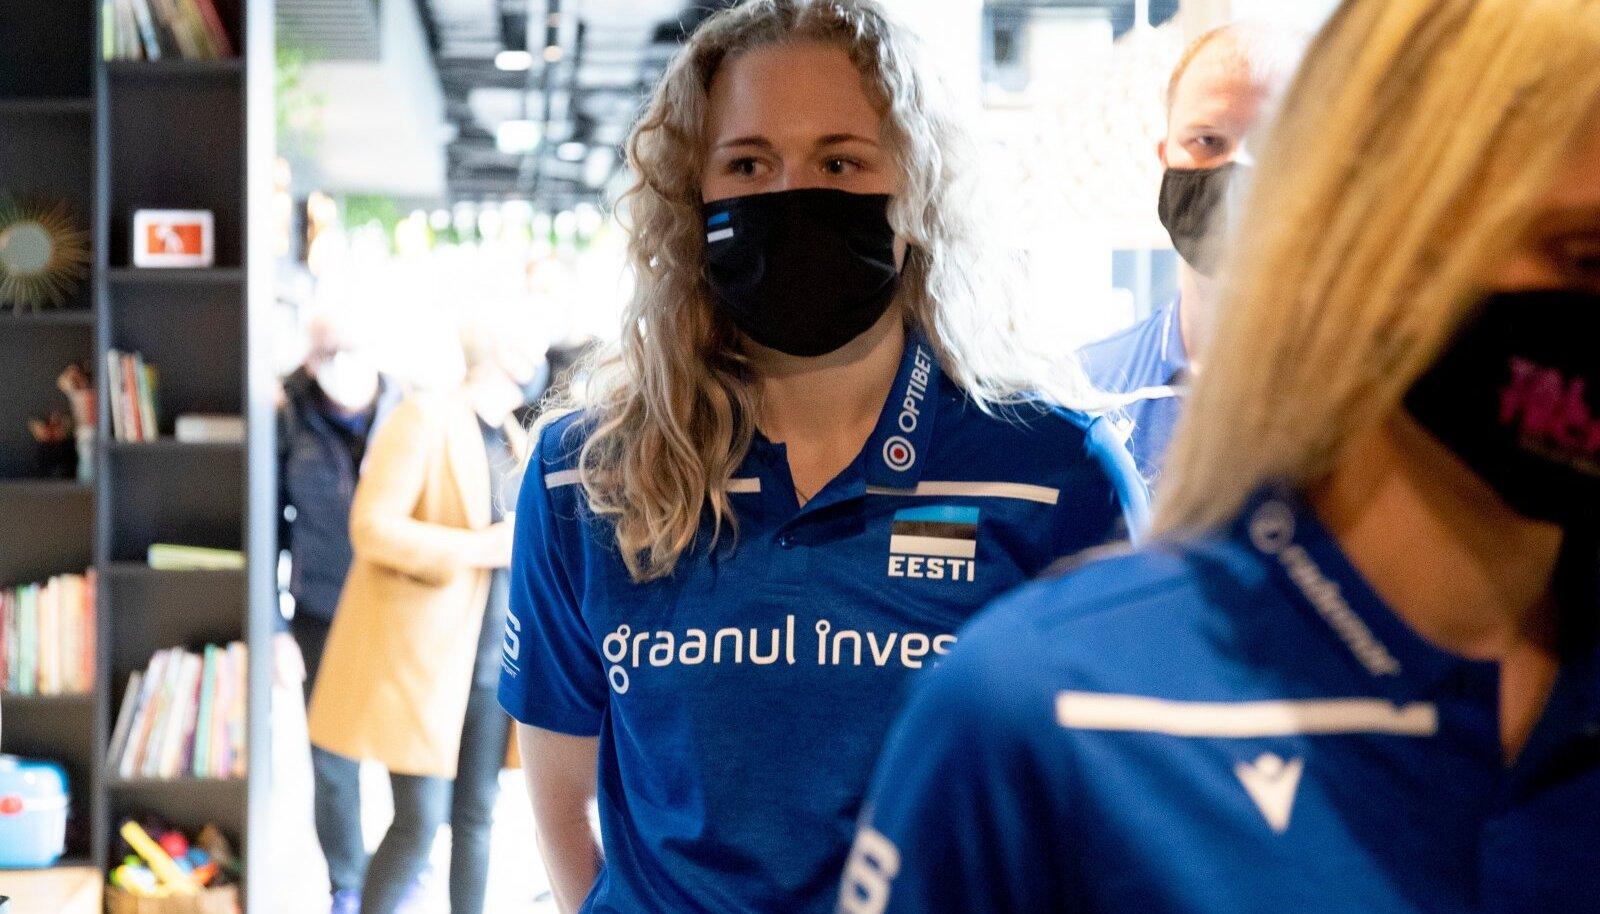 Prantsusmaal mängunälga tundnud Kristiine Miilen juba kibeleb Eesti koondise eest platsile.